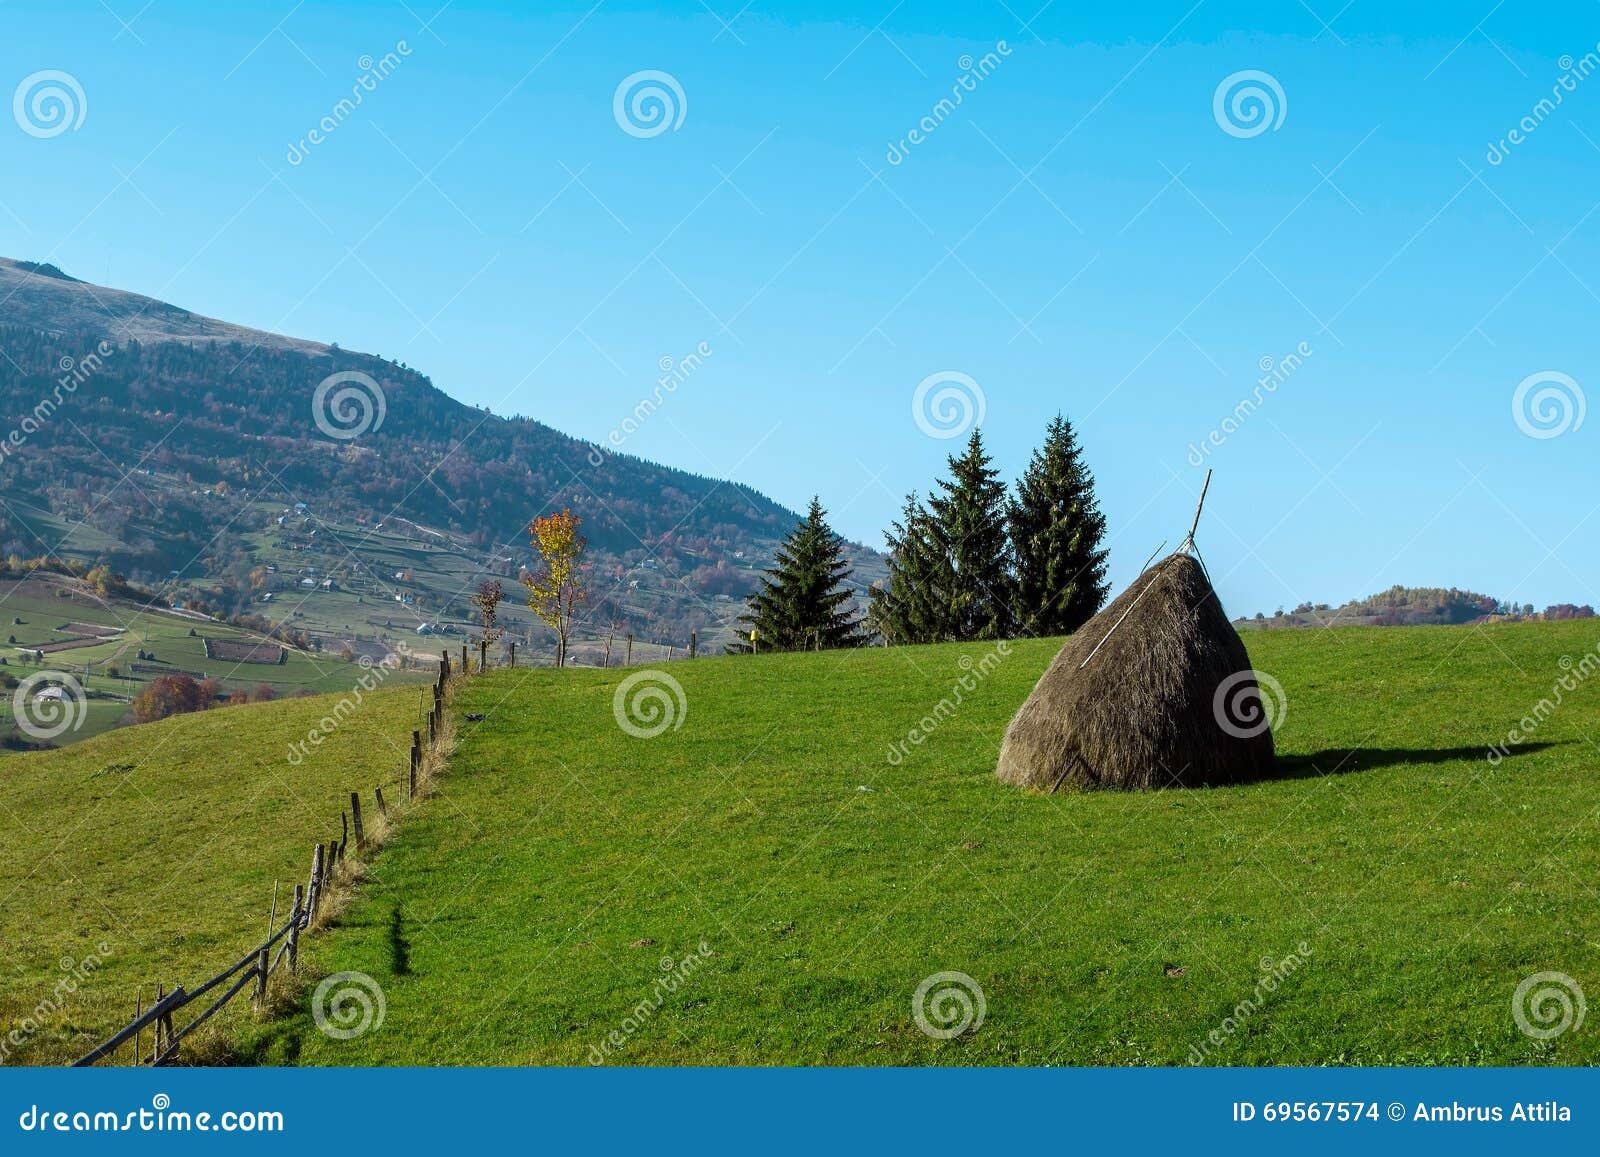 Αγροτικό τοπίο στα βουνά